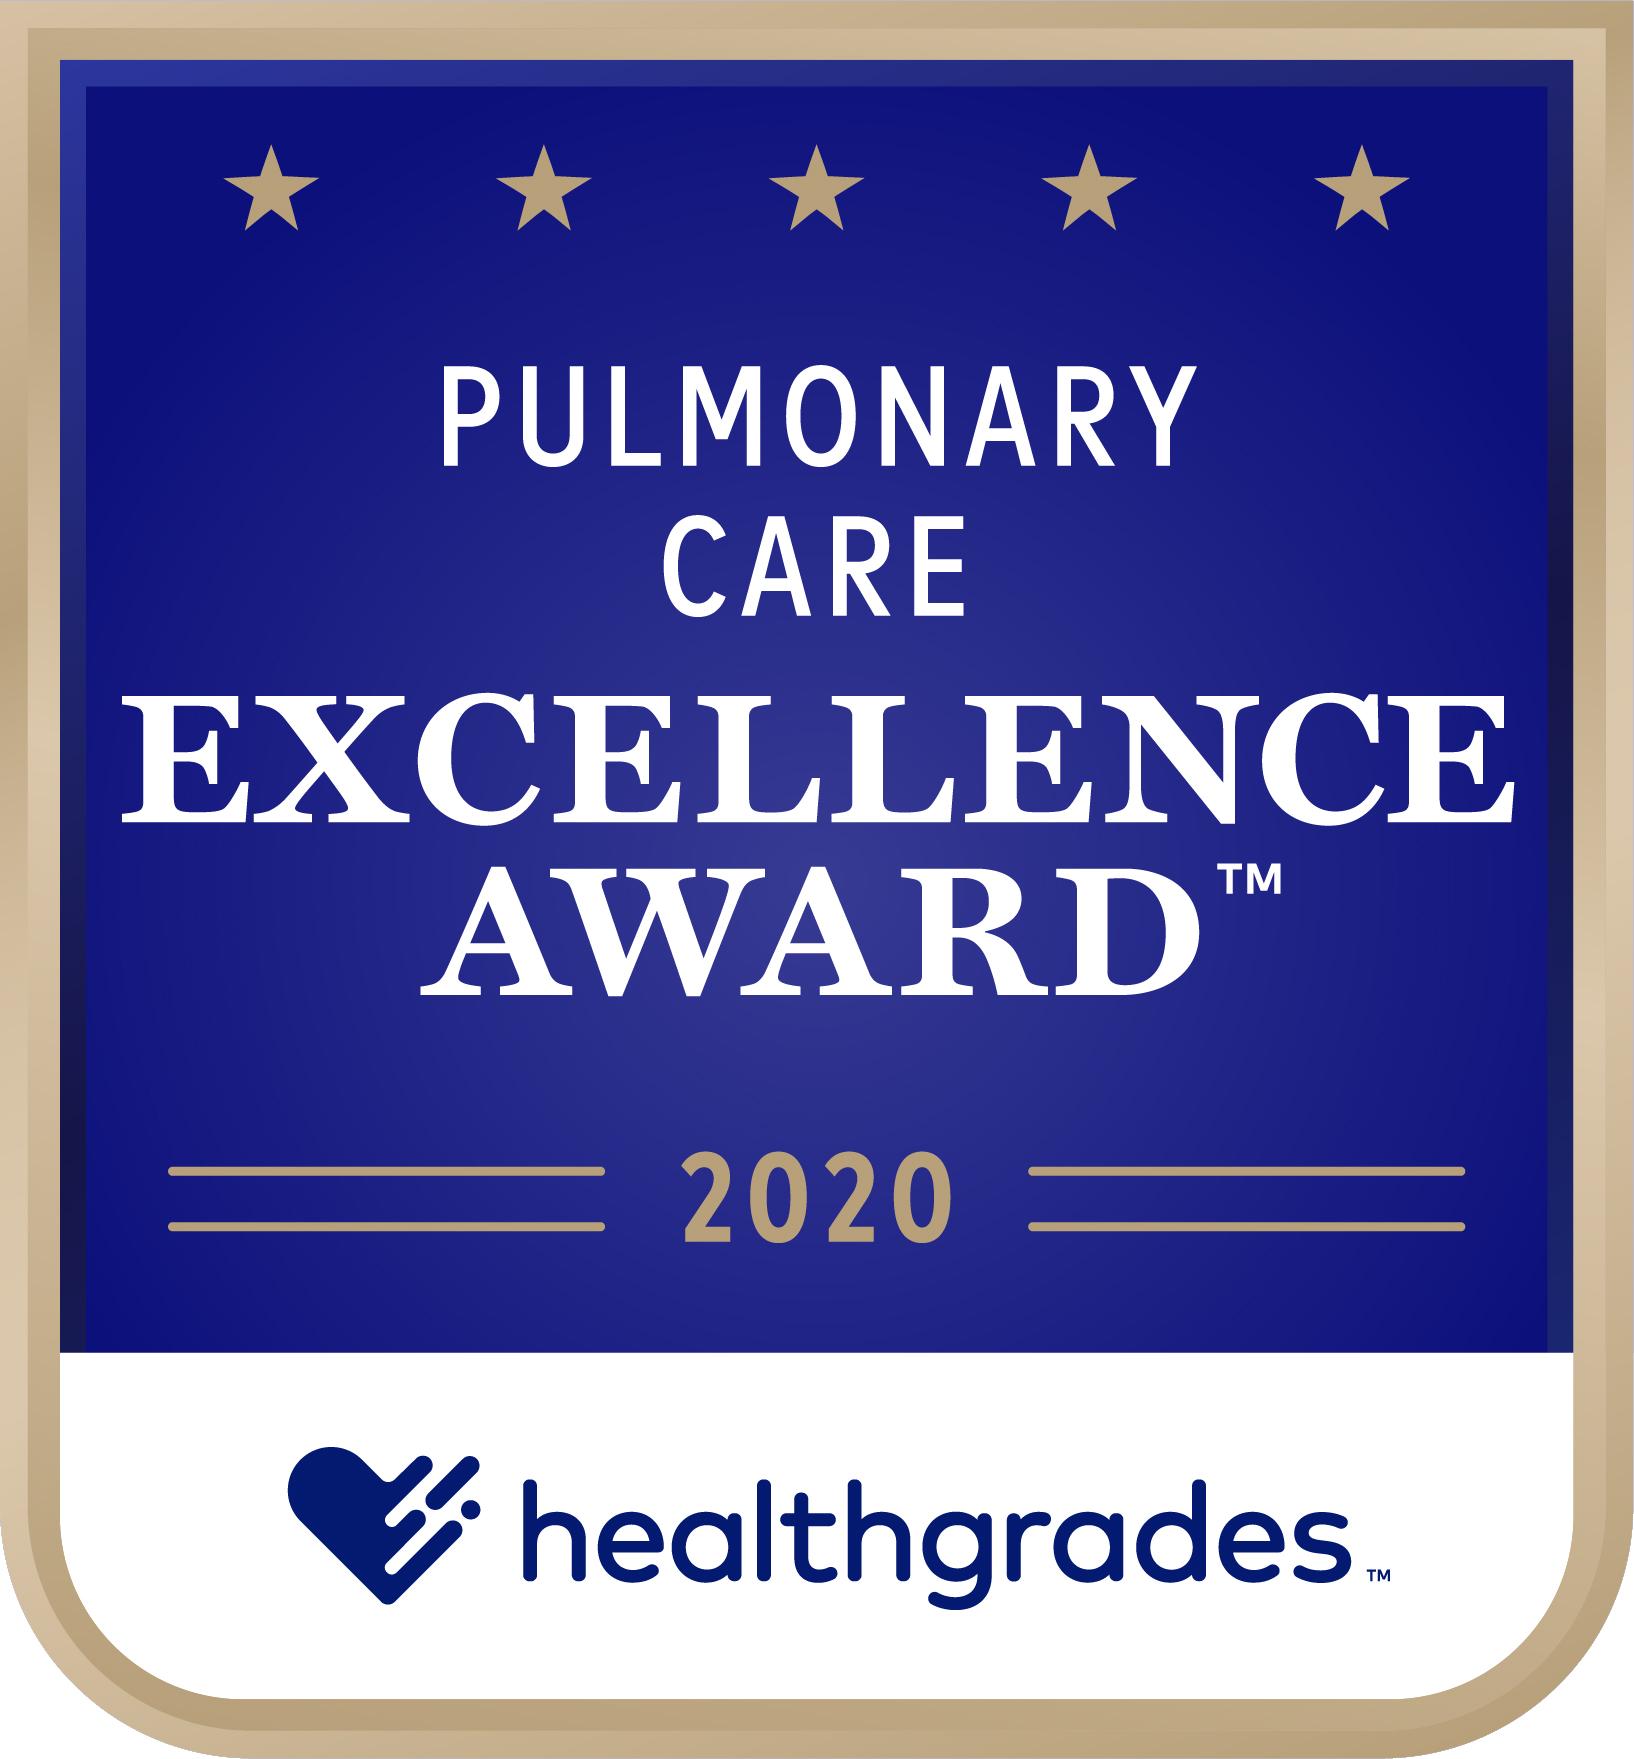 Pulmonary Care Award